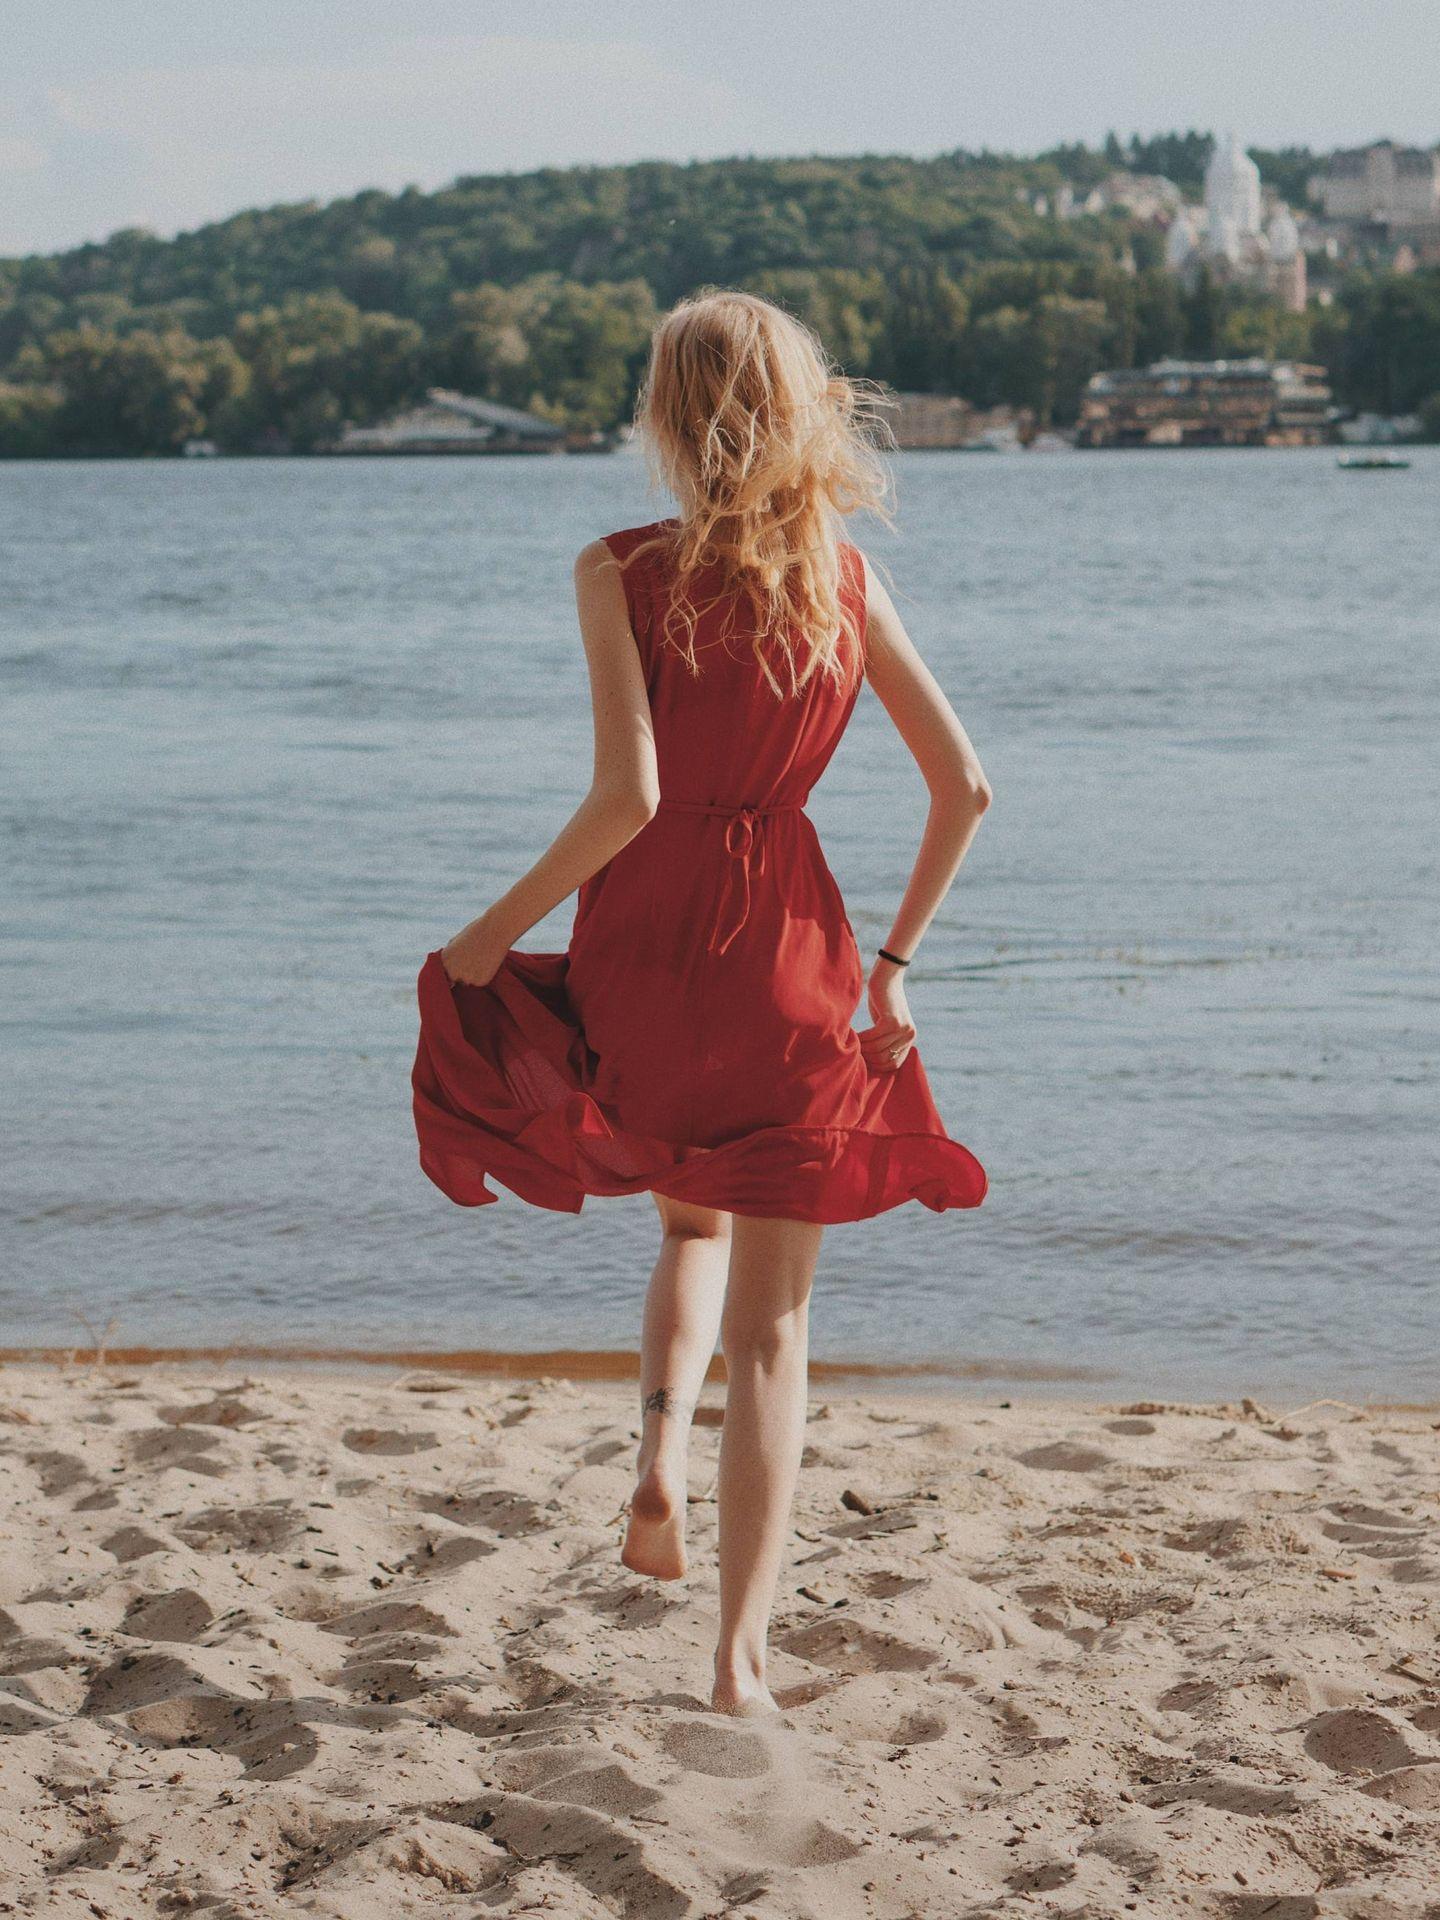 Andar por la arena quema más calorías. (Oleg Ivanov para Unsplash)